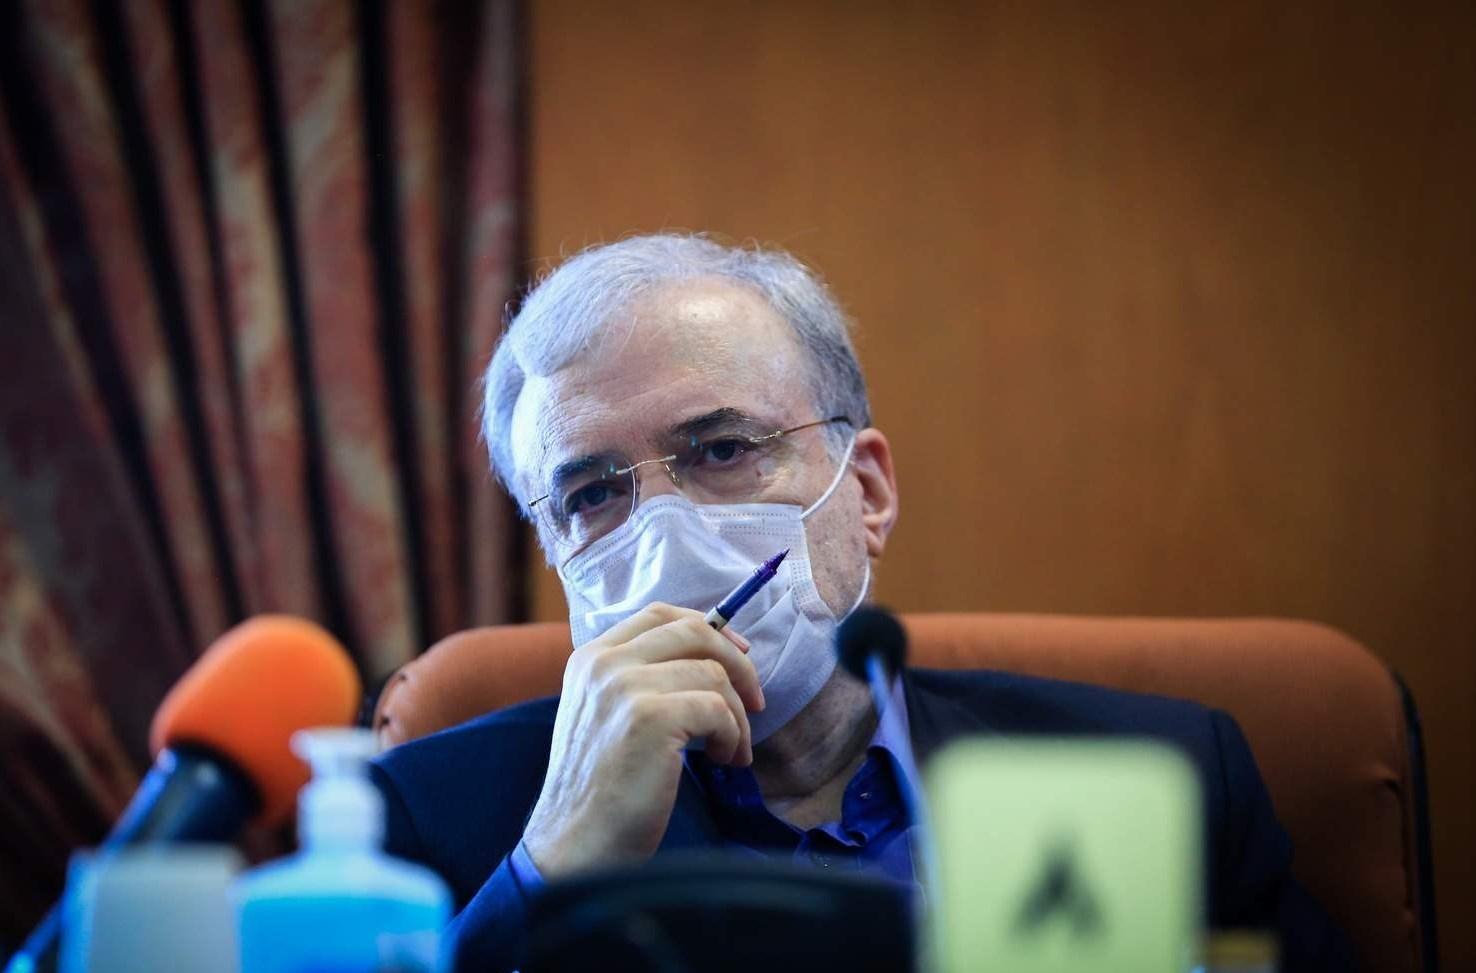 وزیر بهداشت: تکلیف کسانی که در مسئله عزاداری محرم از رهبری جلوتر میروند روشن است